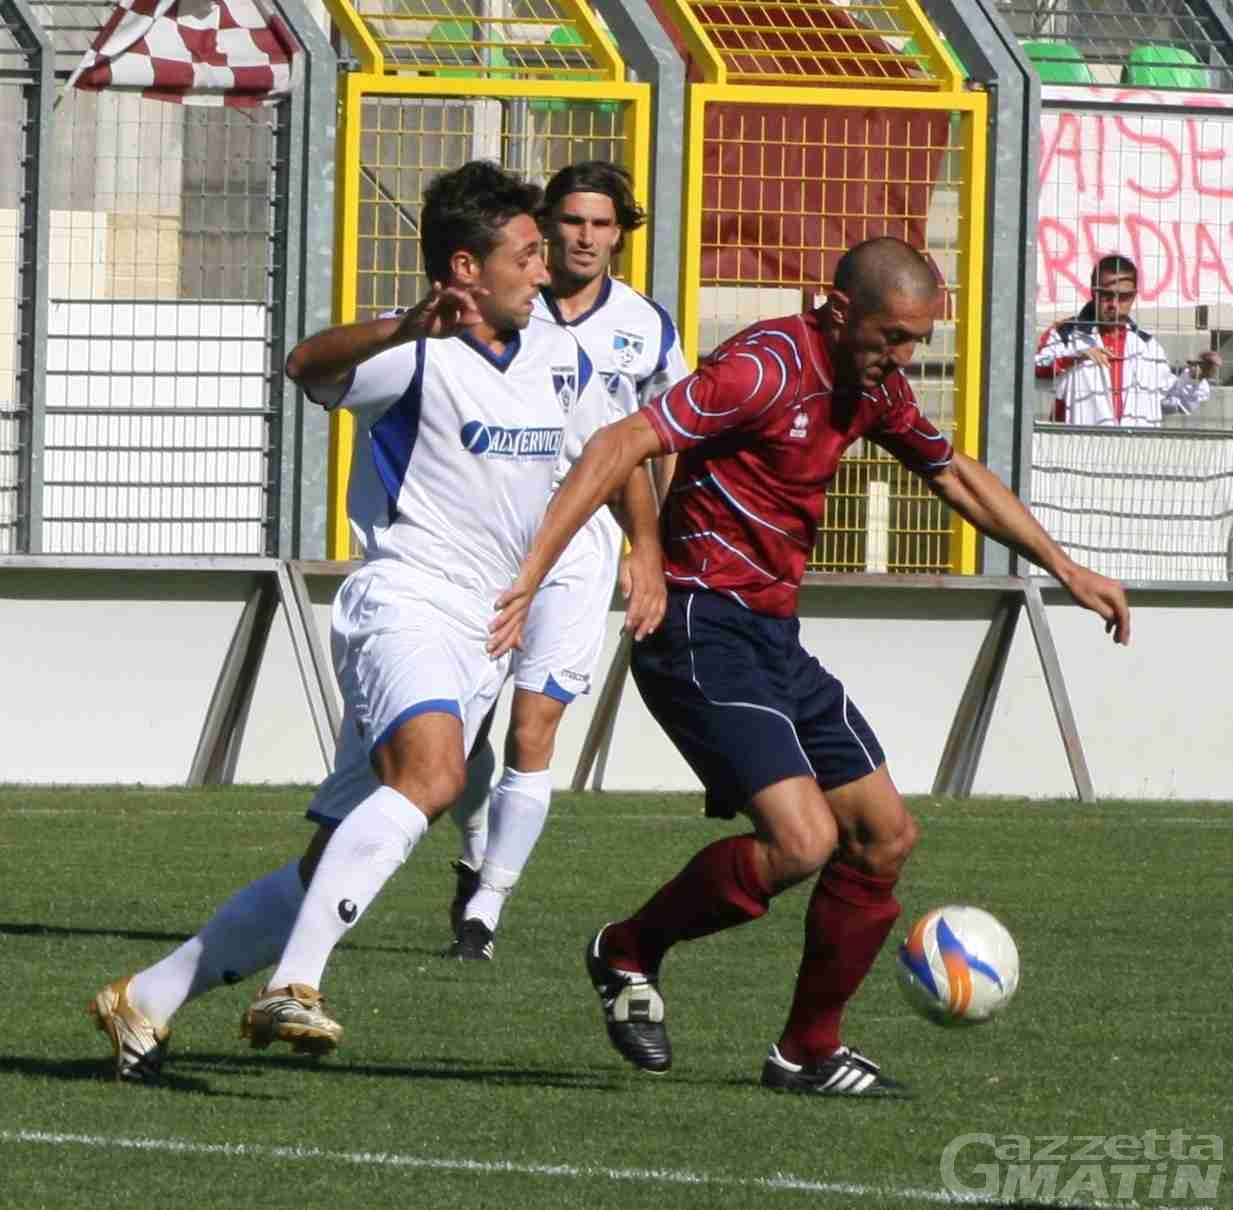 Calcio: il St-Chri VdA si fa raggiungere a Carate